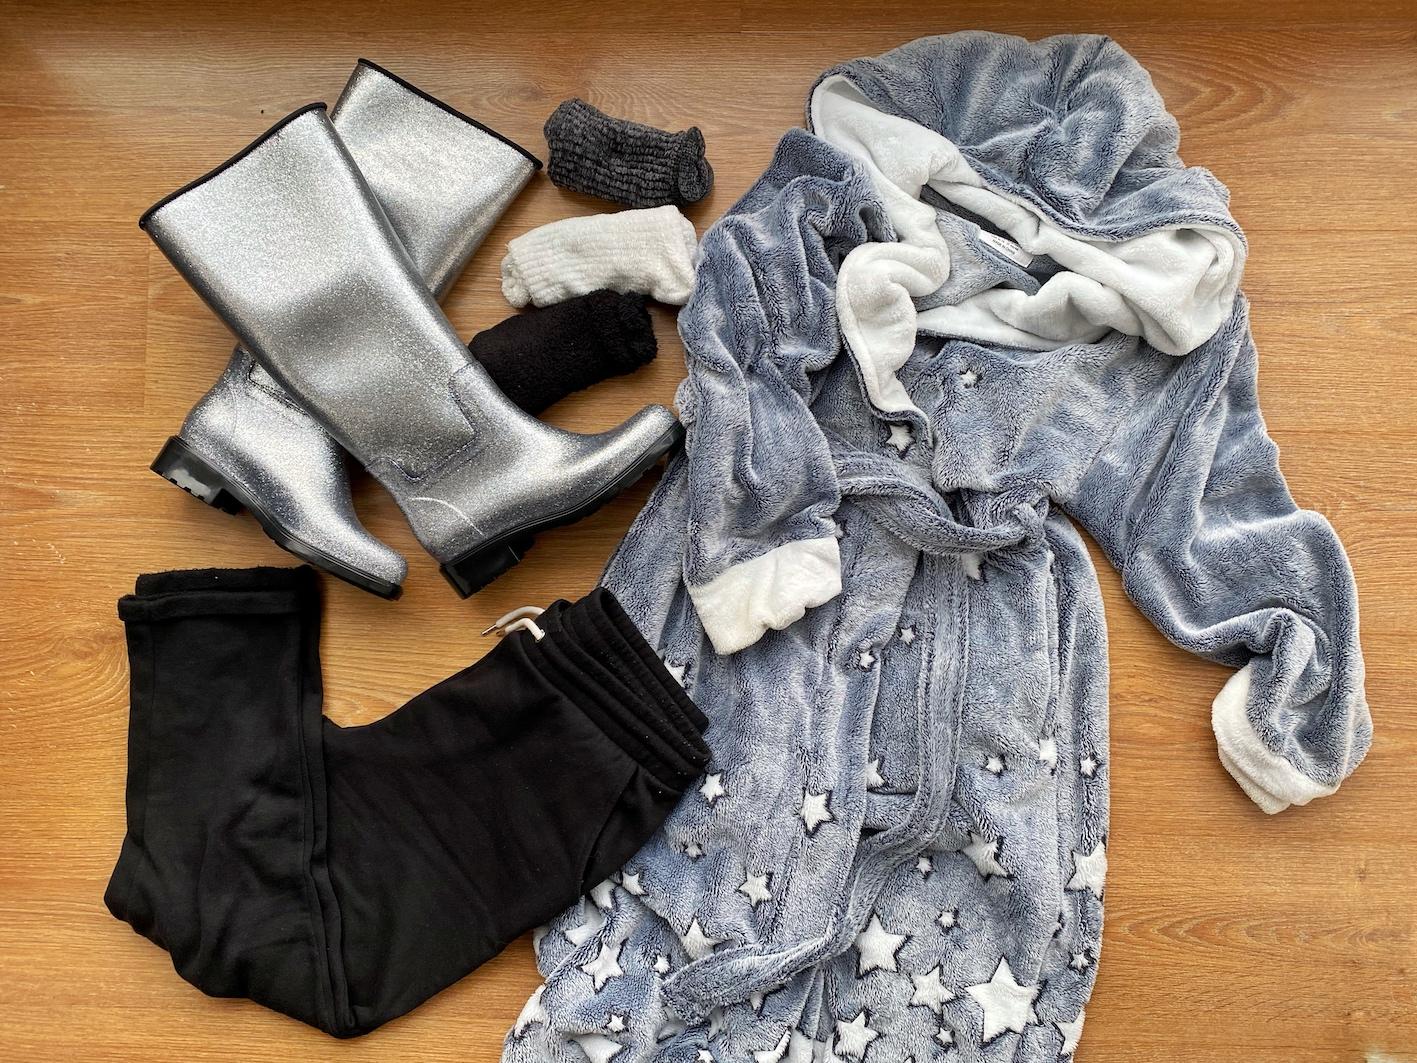 compras da quarentena roupa